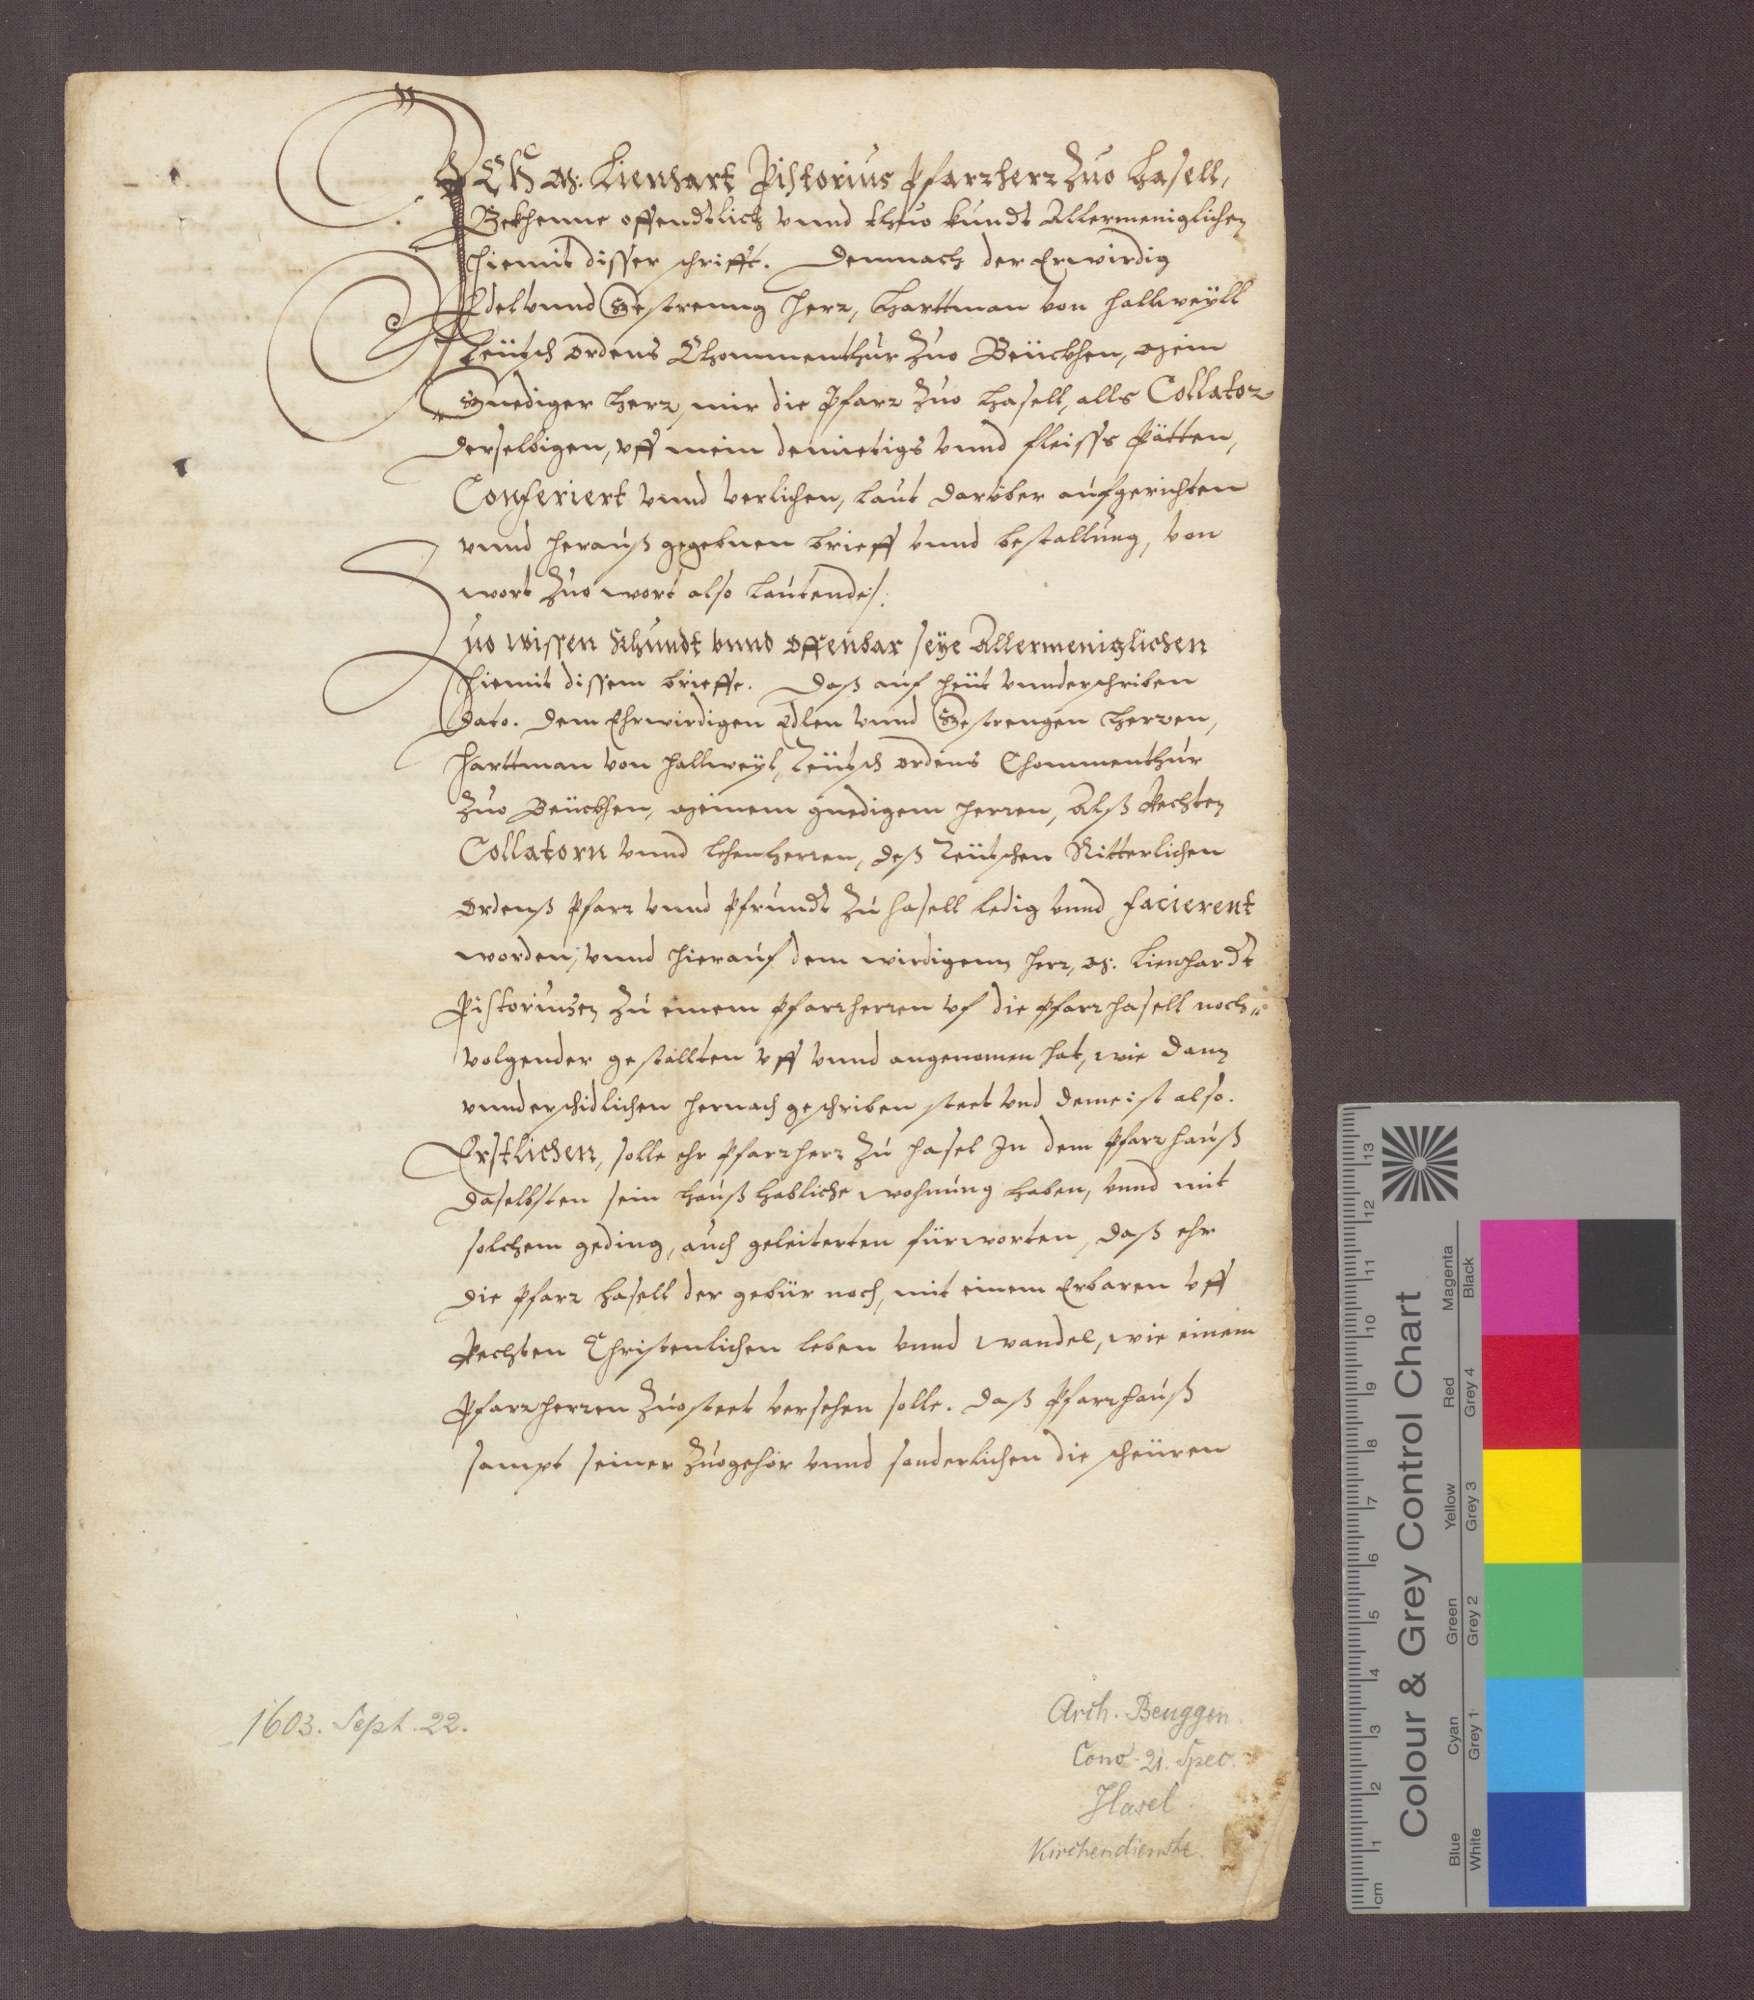 Hartmann von Hallwil, Komtur zu Beuggen, reversiert gegenüber dem zum Pfarrer in Hasel ernannten Lienhard Pistorius., Bild 1